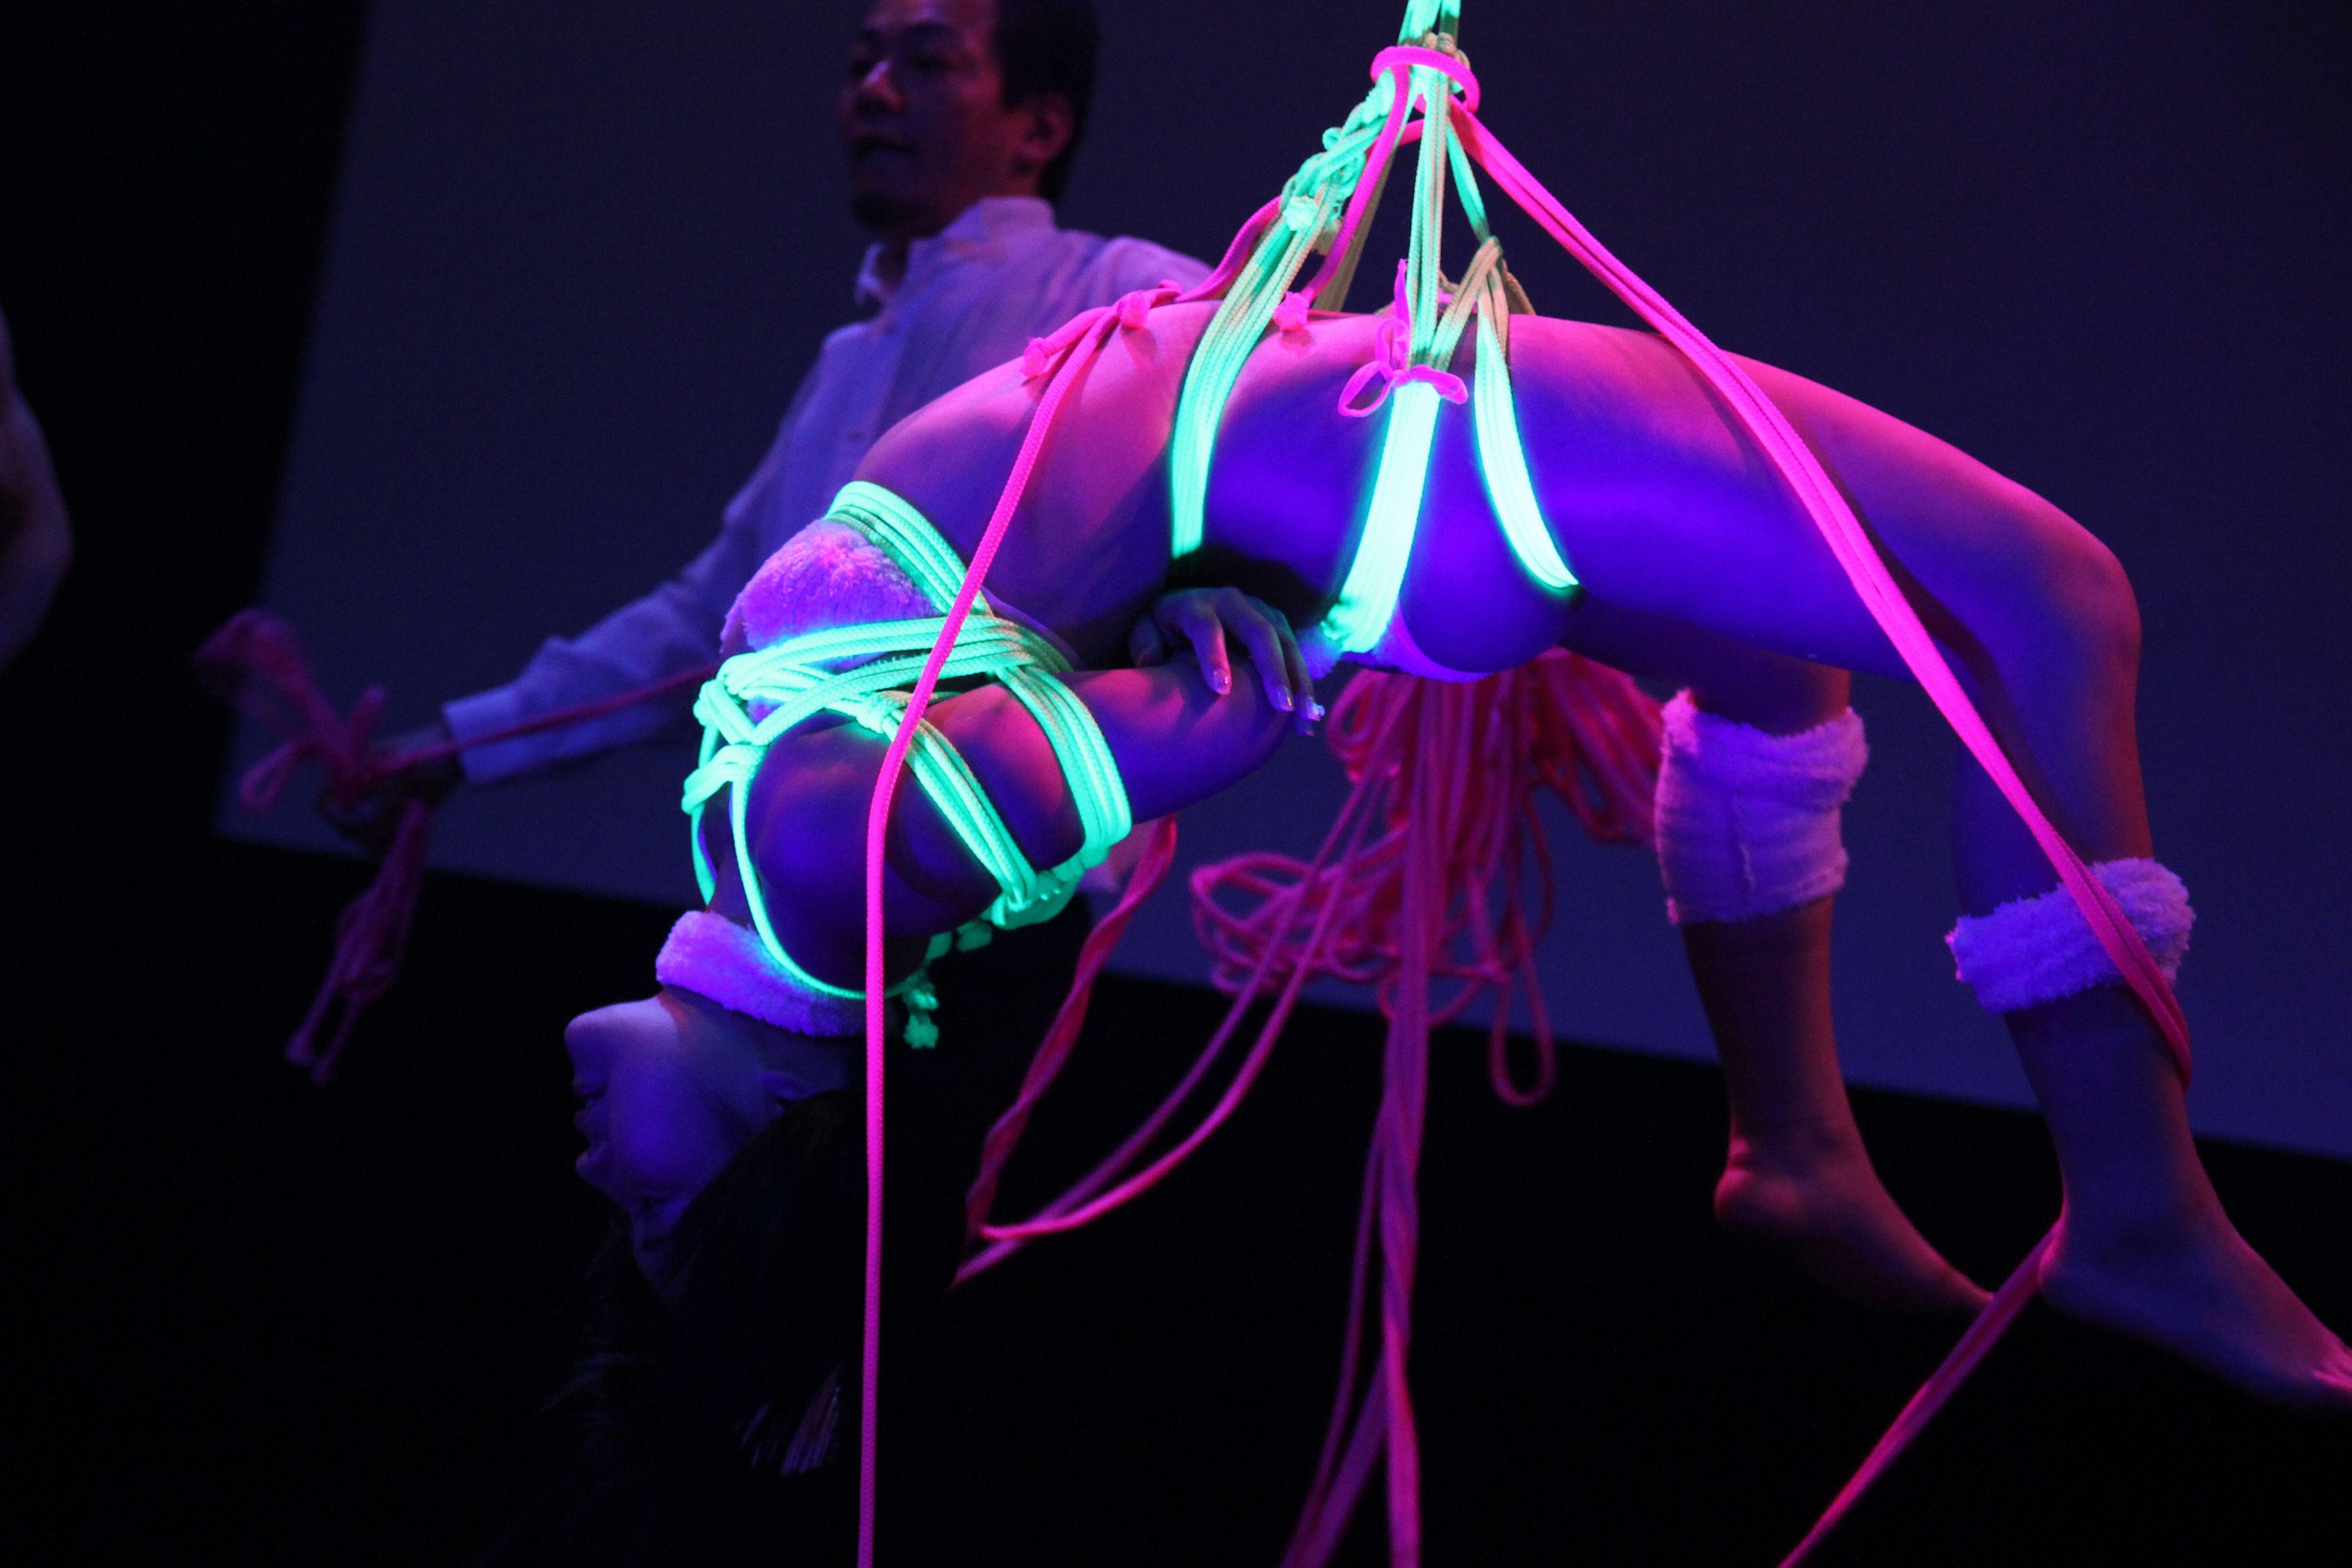 デパートメントH 2099@鶯谷東京キネマ倶楽部 2015年3月~一鬼のこ氏のサイバーロープパフォーマンス~